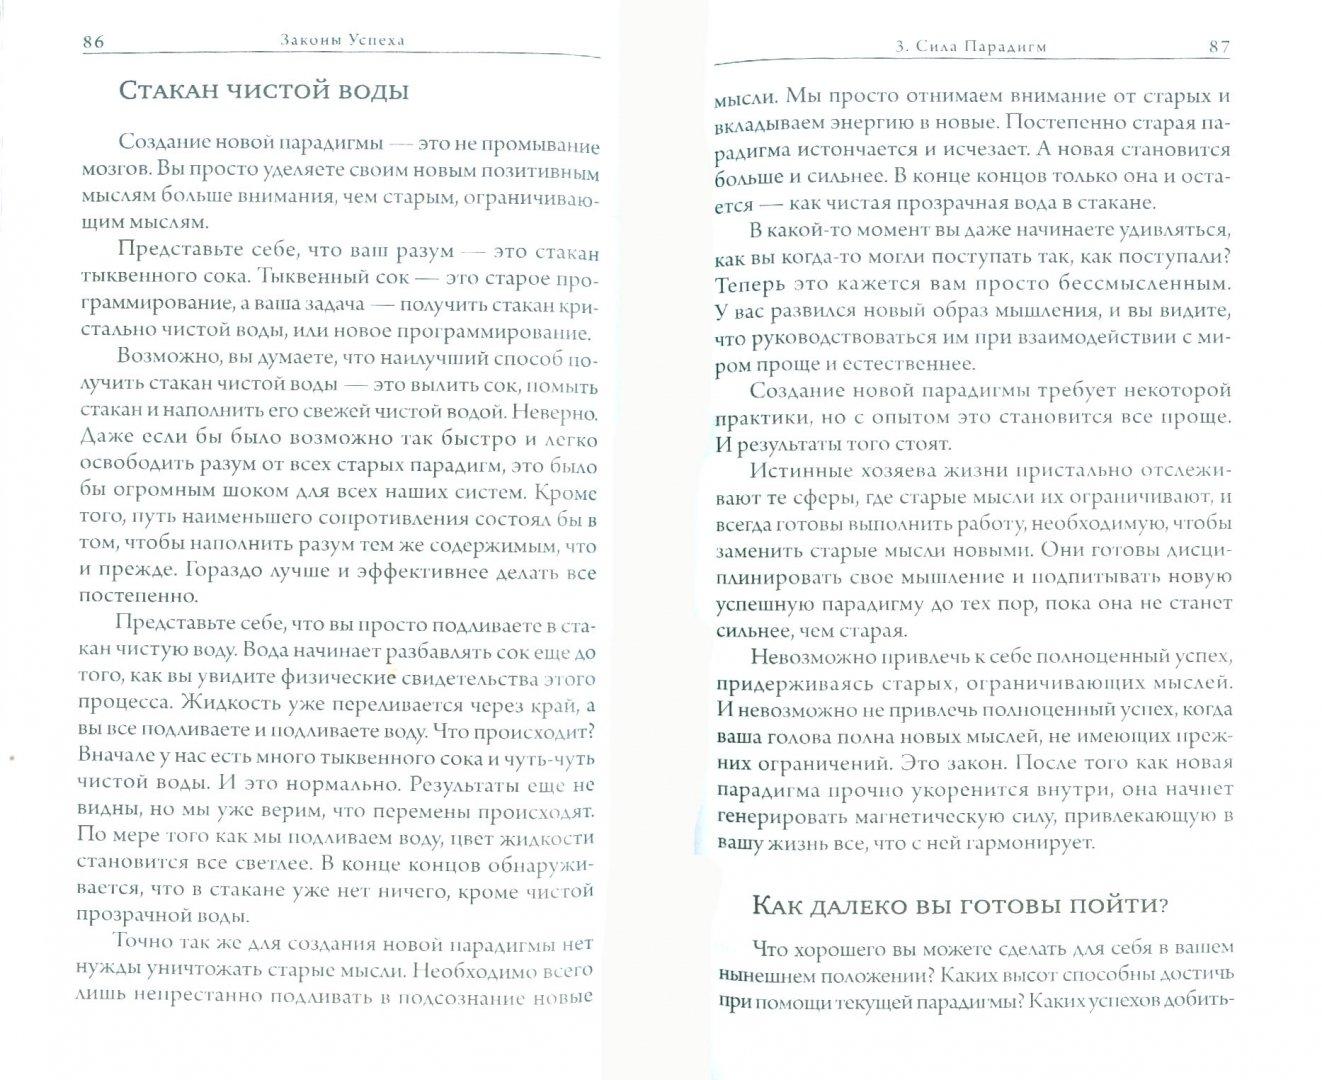 Иллюстрация 1 из 11 для Законы Успеха: Эффективные техники привлечения богатства, здоровья, любви, счастья - Джеймс Рэй | Лабиринт - книги. Источник: Лабиринт